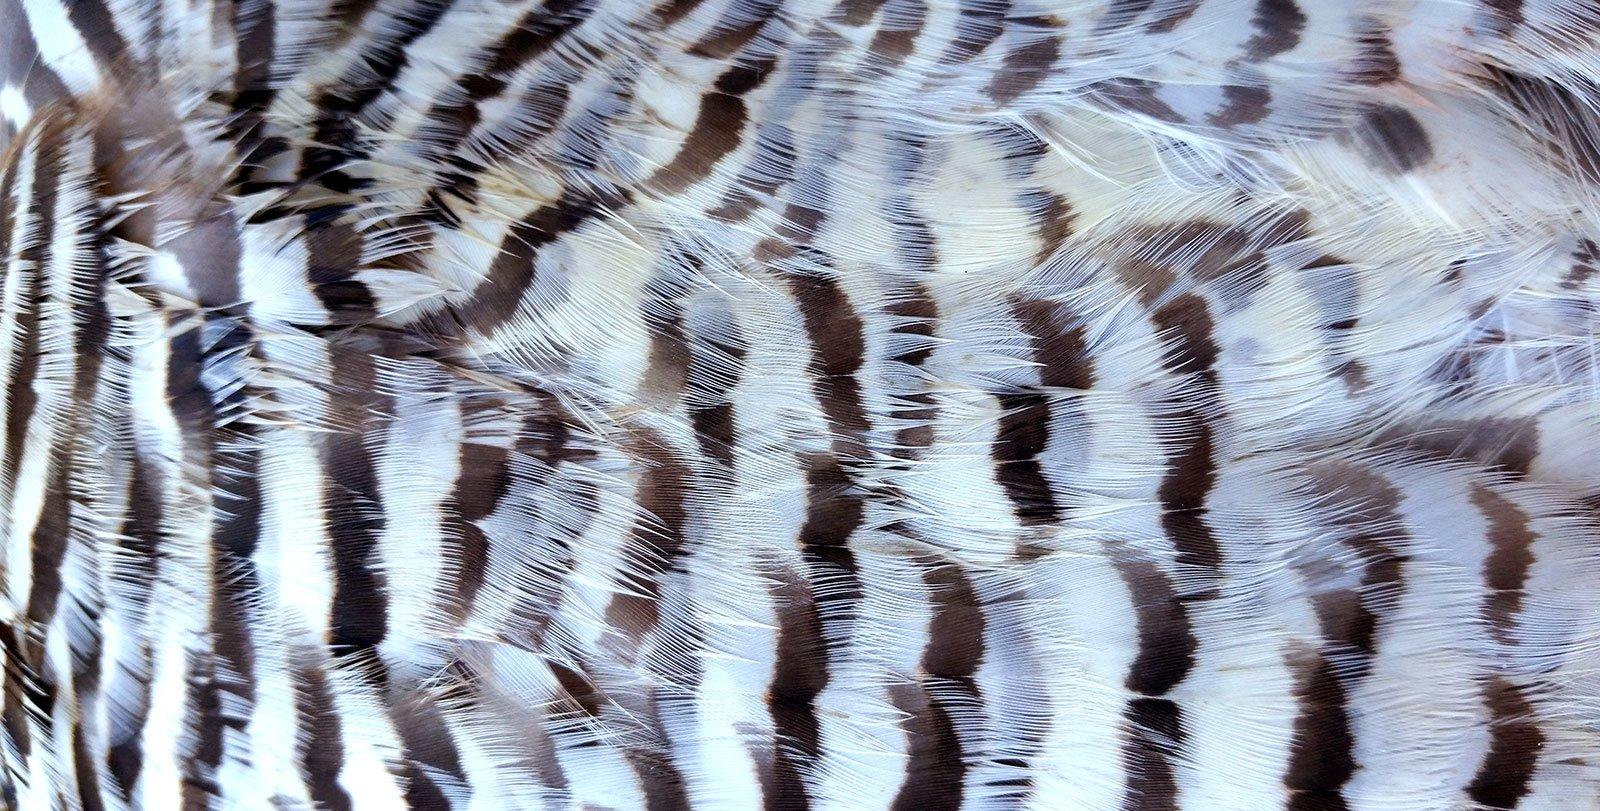 prairie chicken feathers